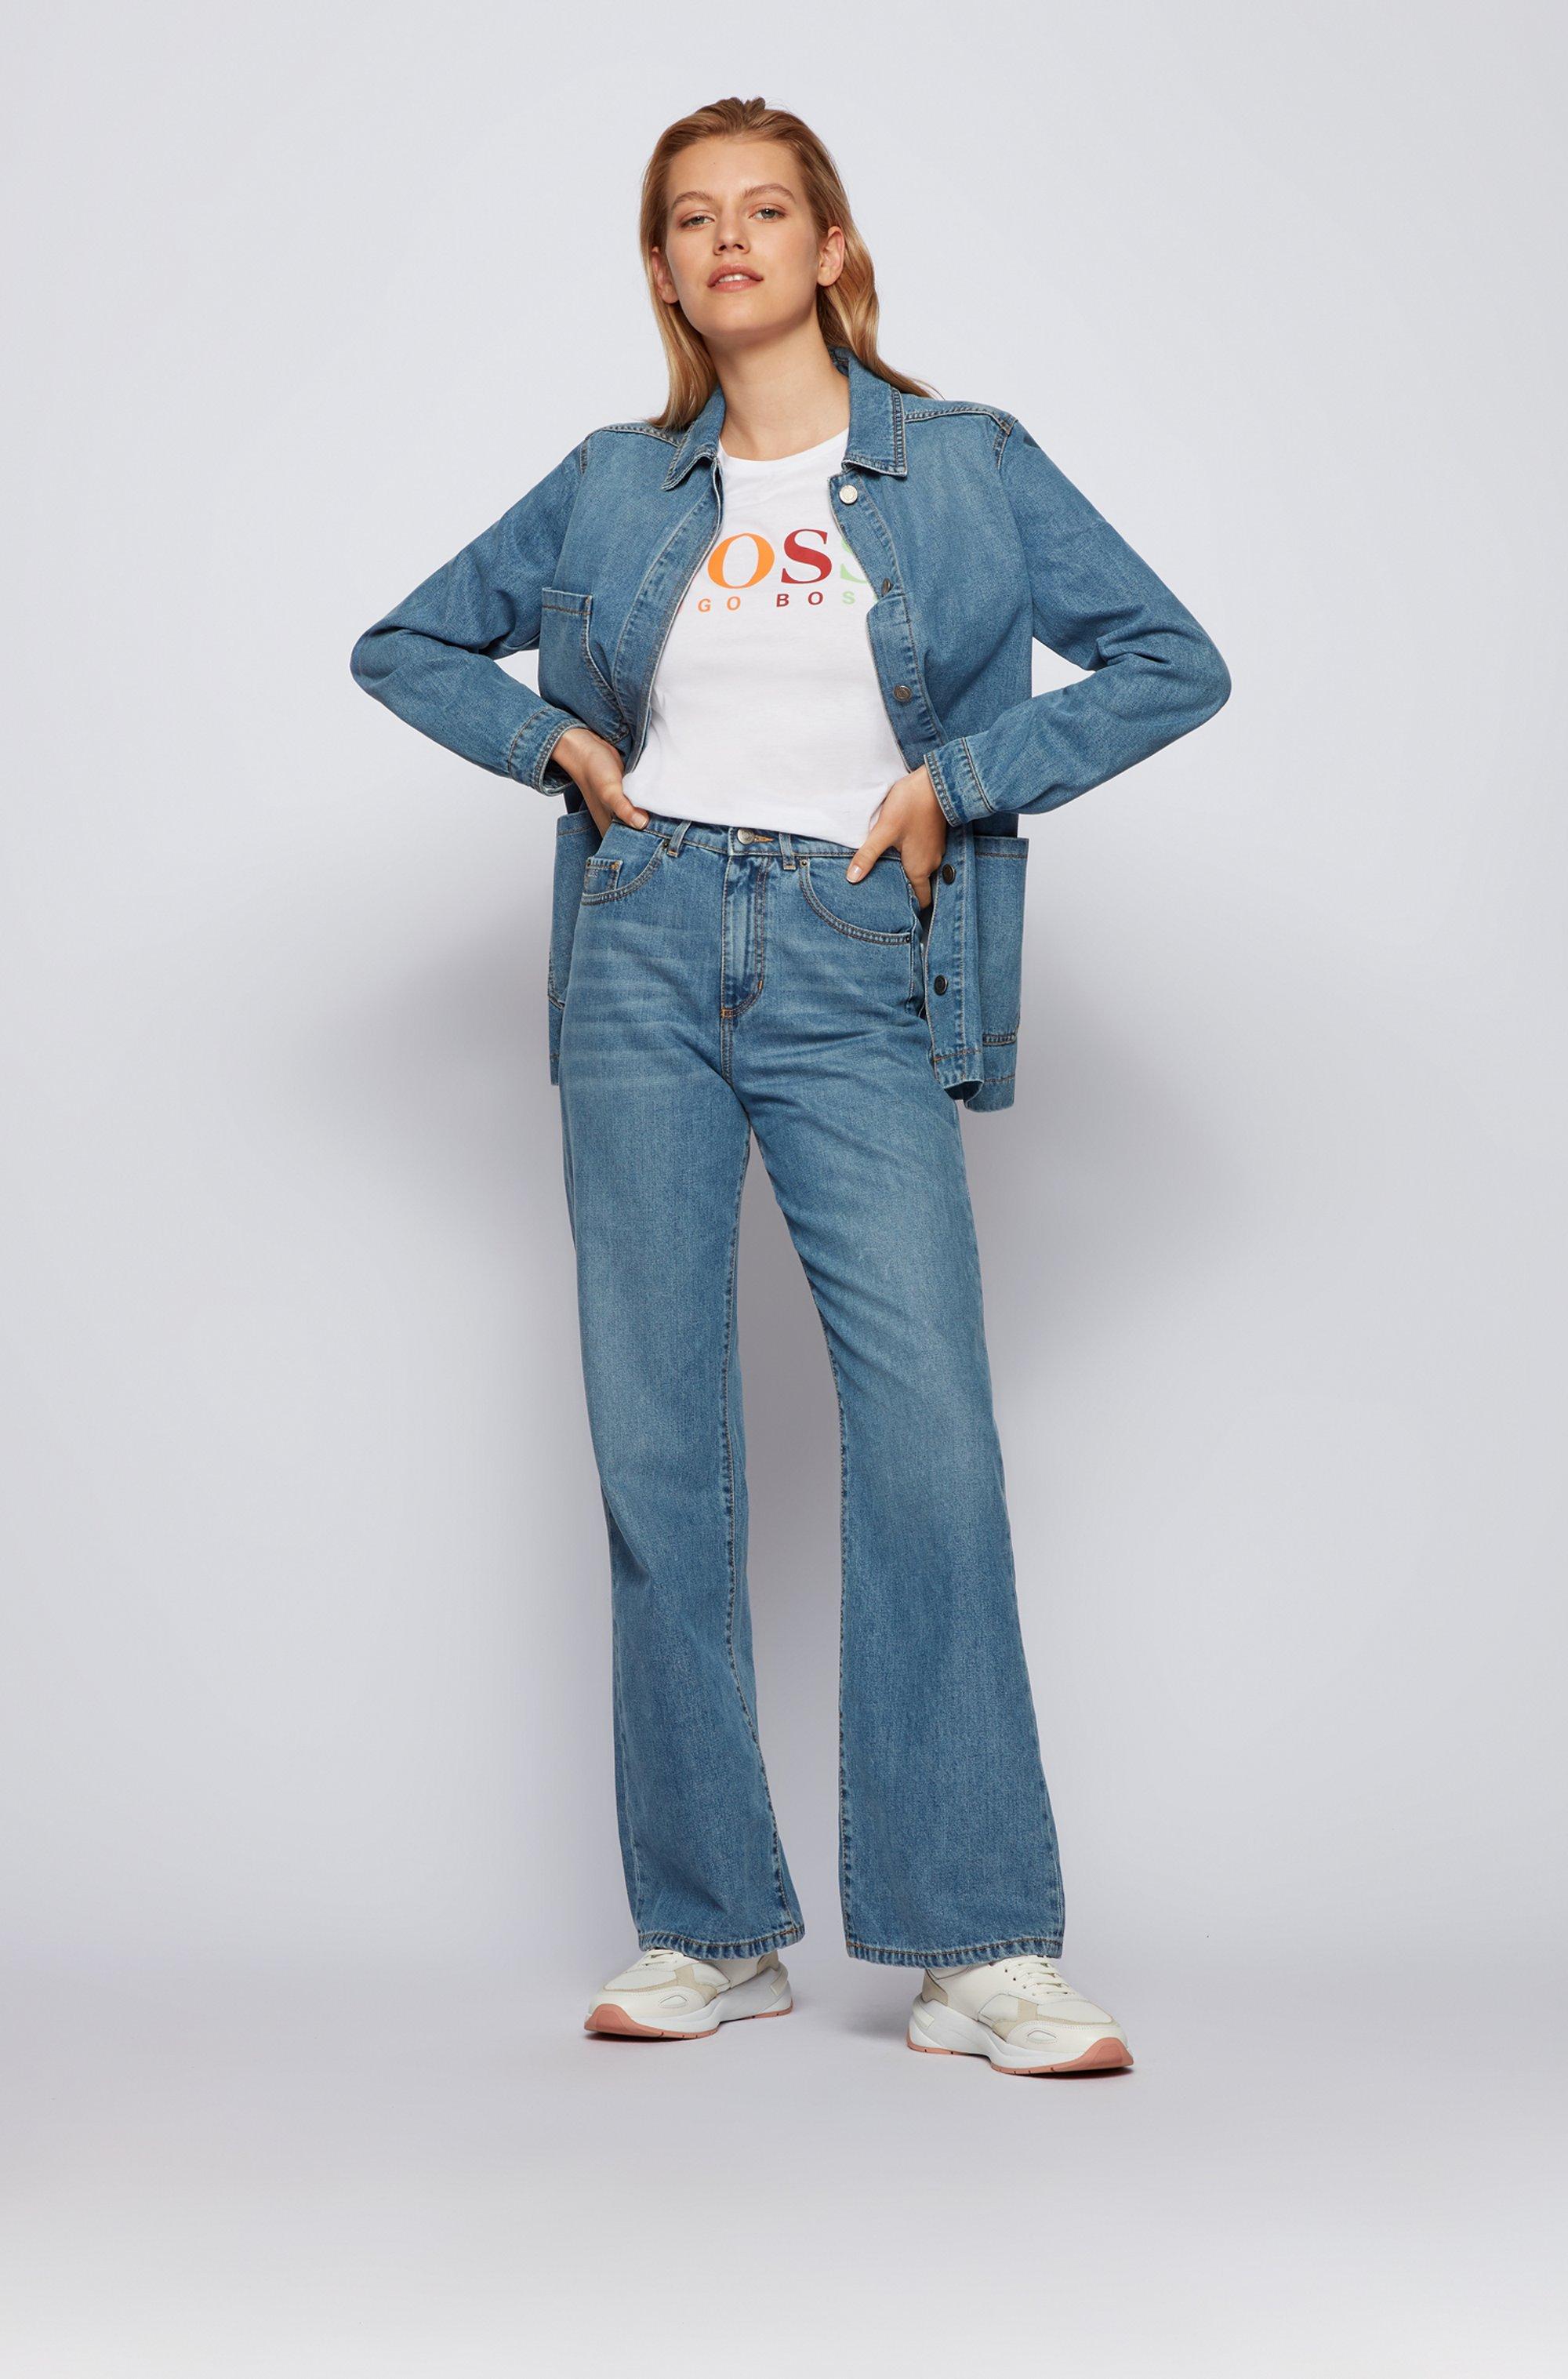 Camiseta slim fit en algodón orgánico con logo estampado